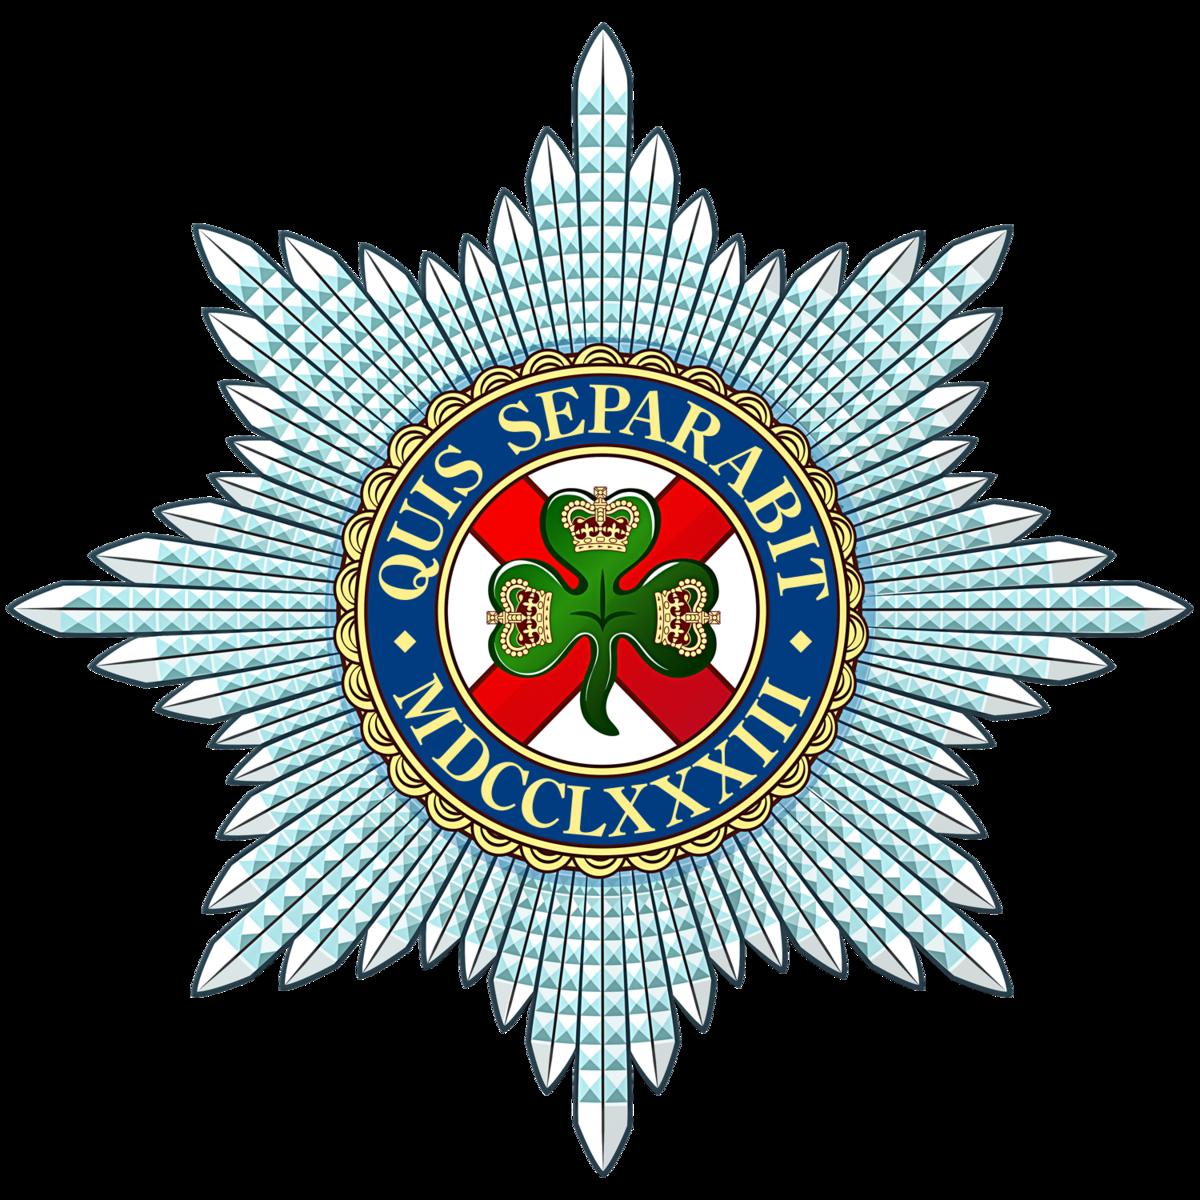 ec3055d8d68f3 Irish Guards - Wikipedia